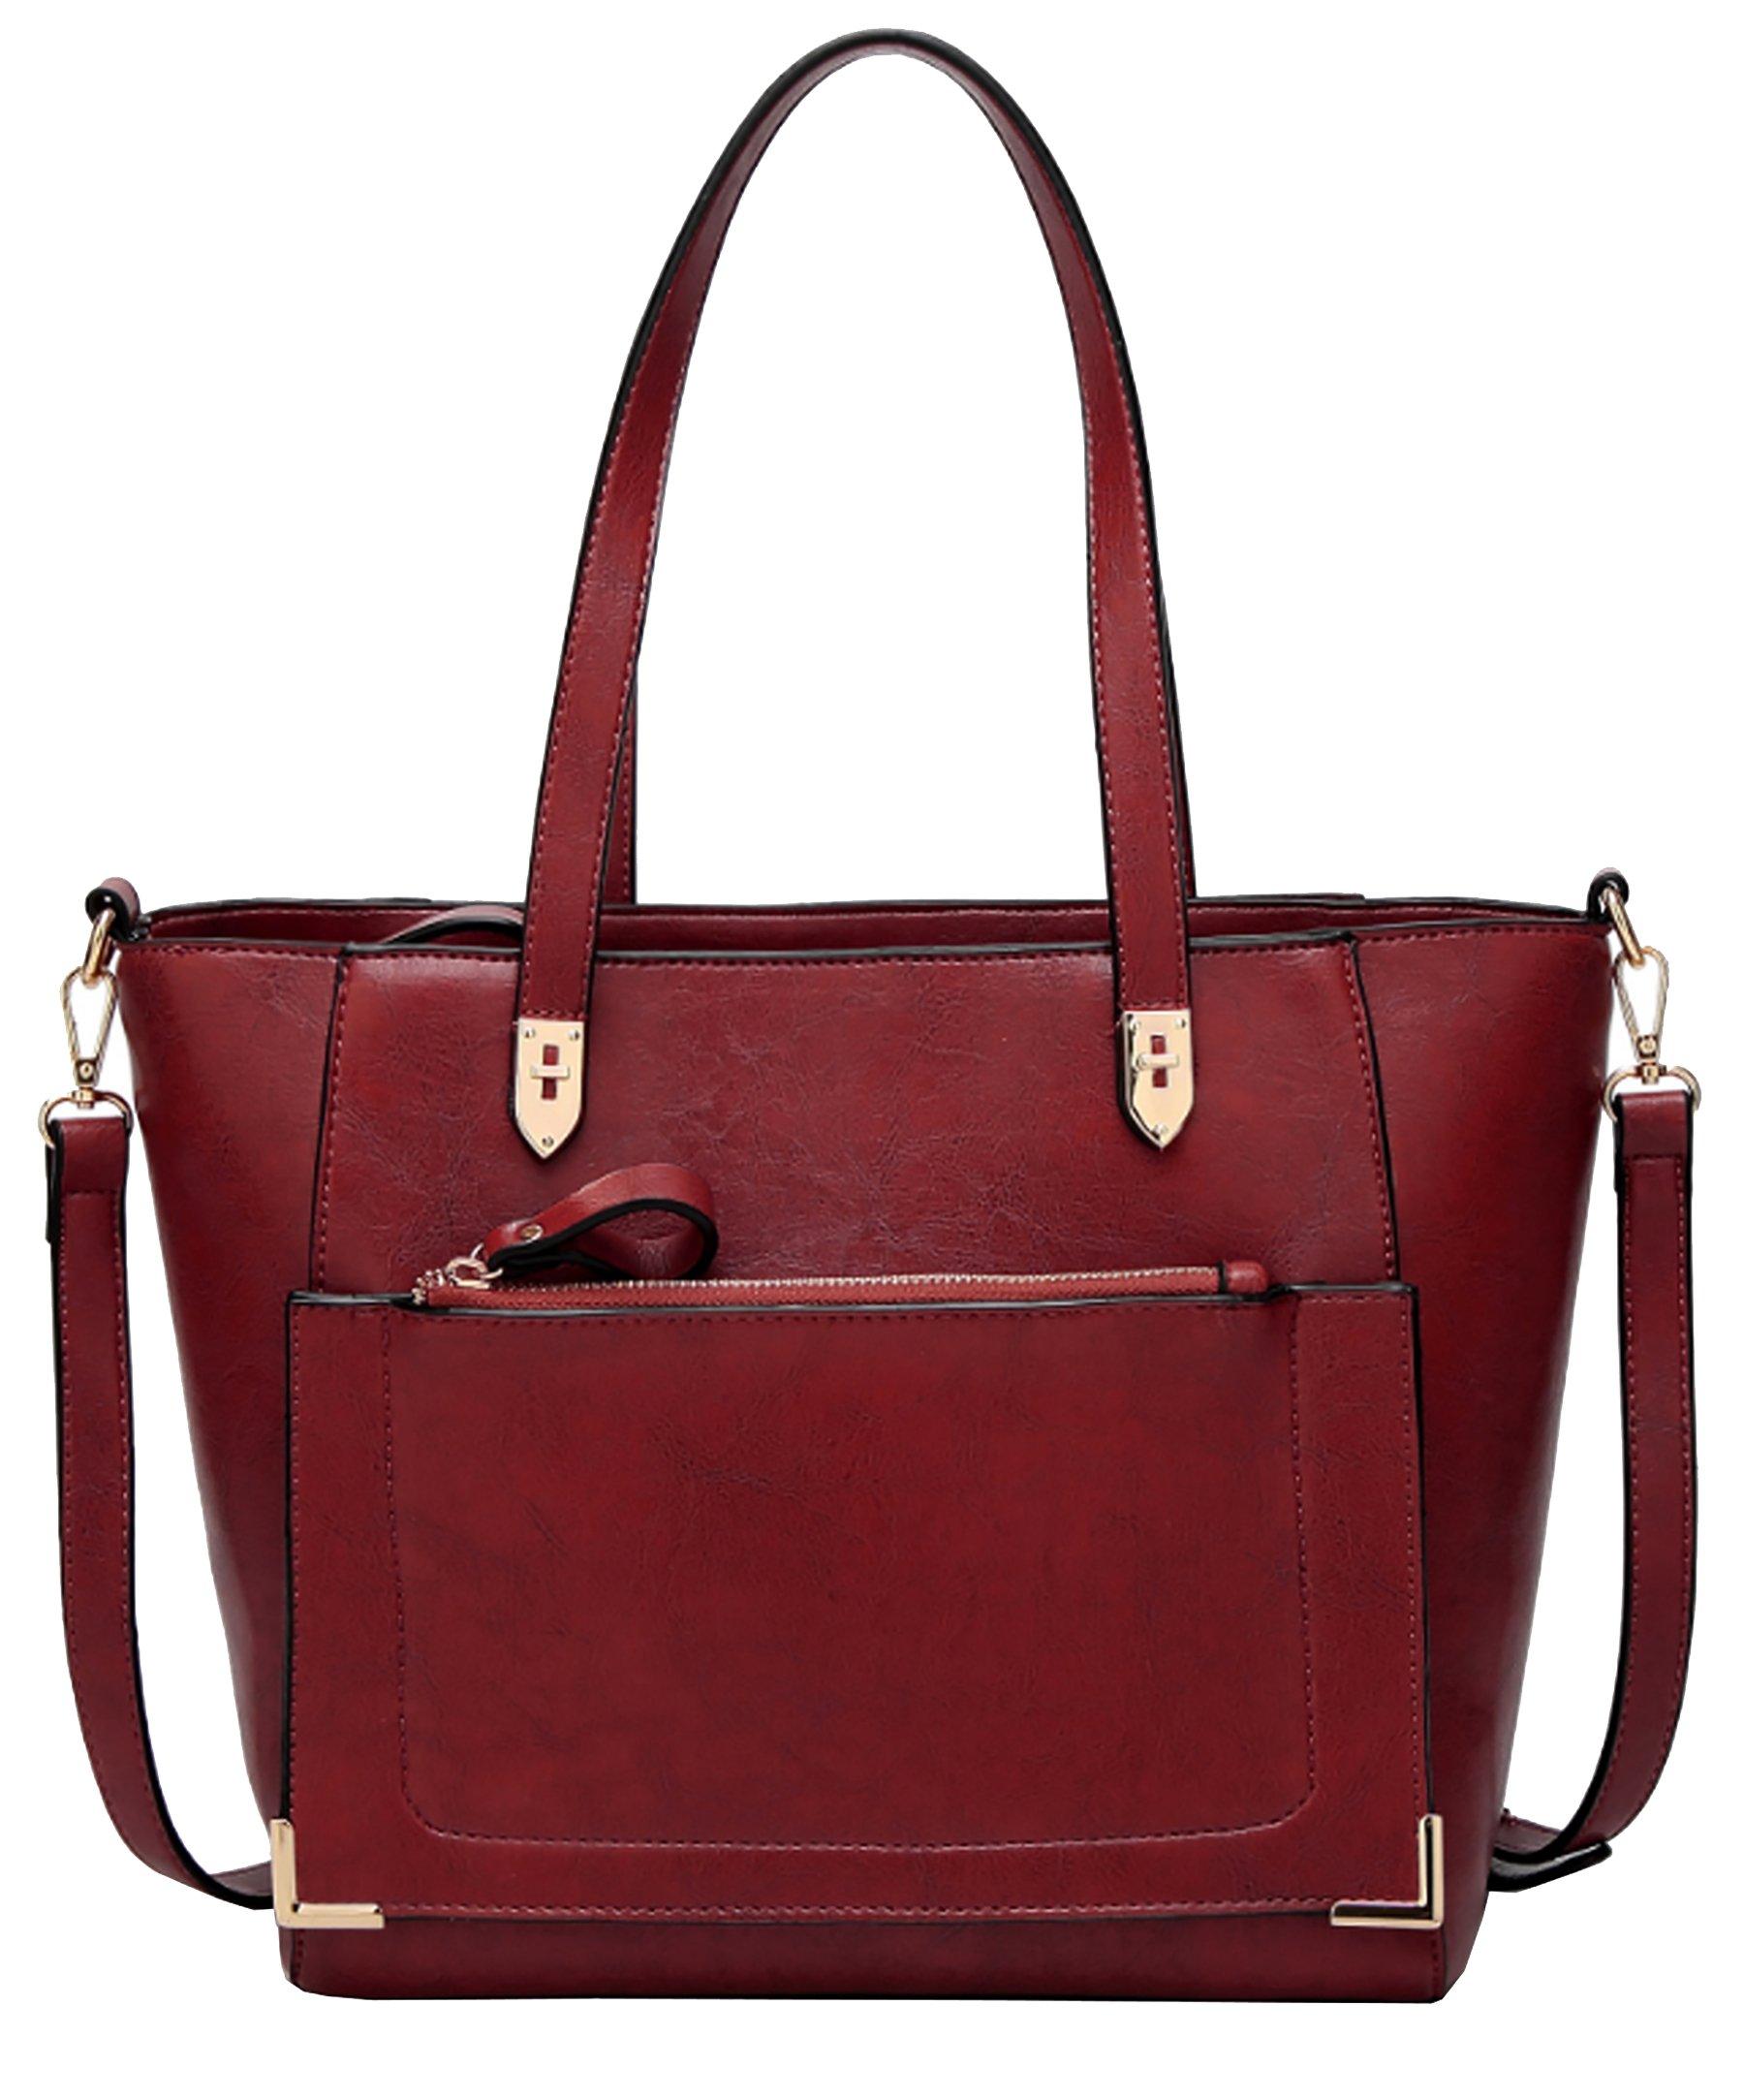 Women's Vintage Fine Fibre Genuine Leather Bag Tote Shoulder Bag Handbag Model Cronos Red Wine